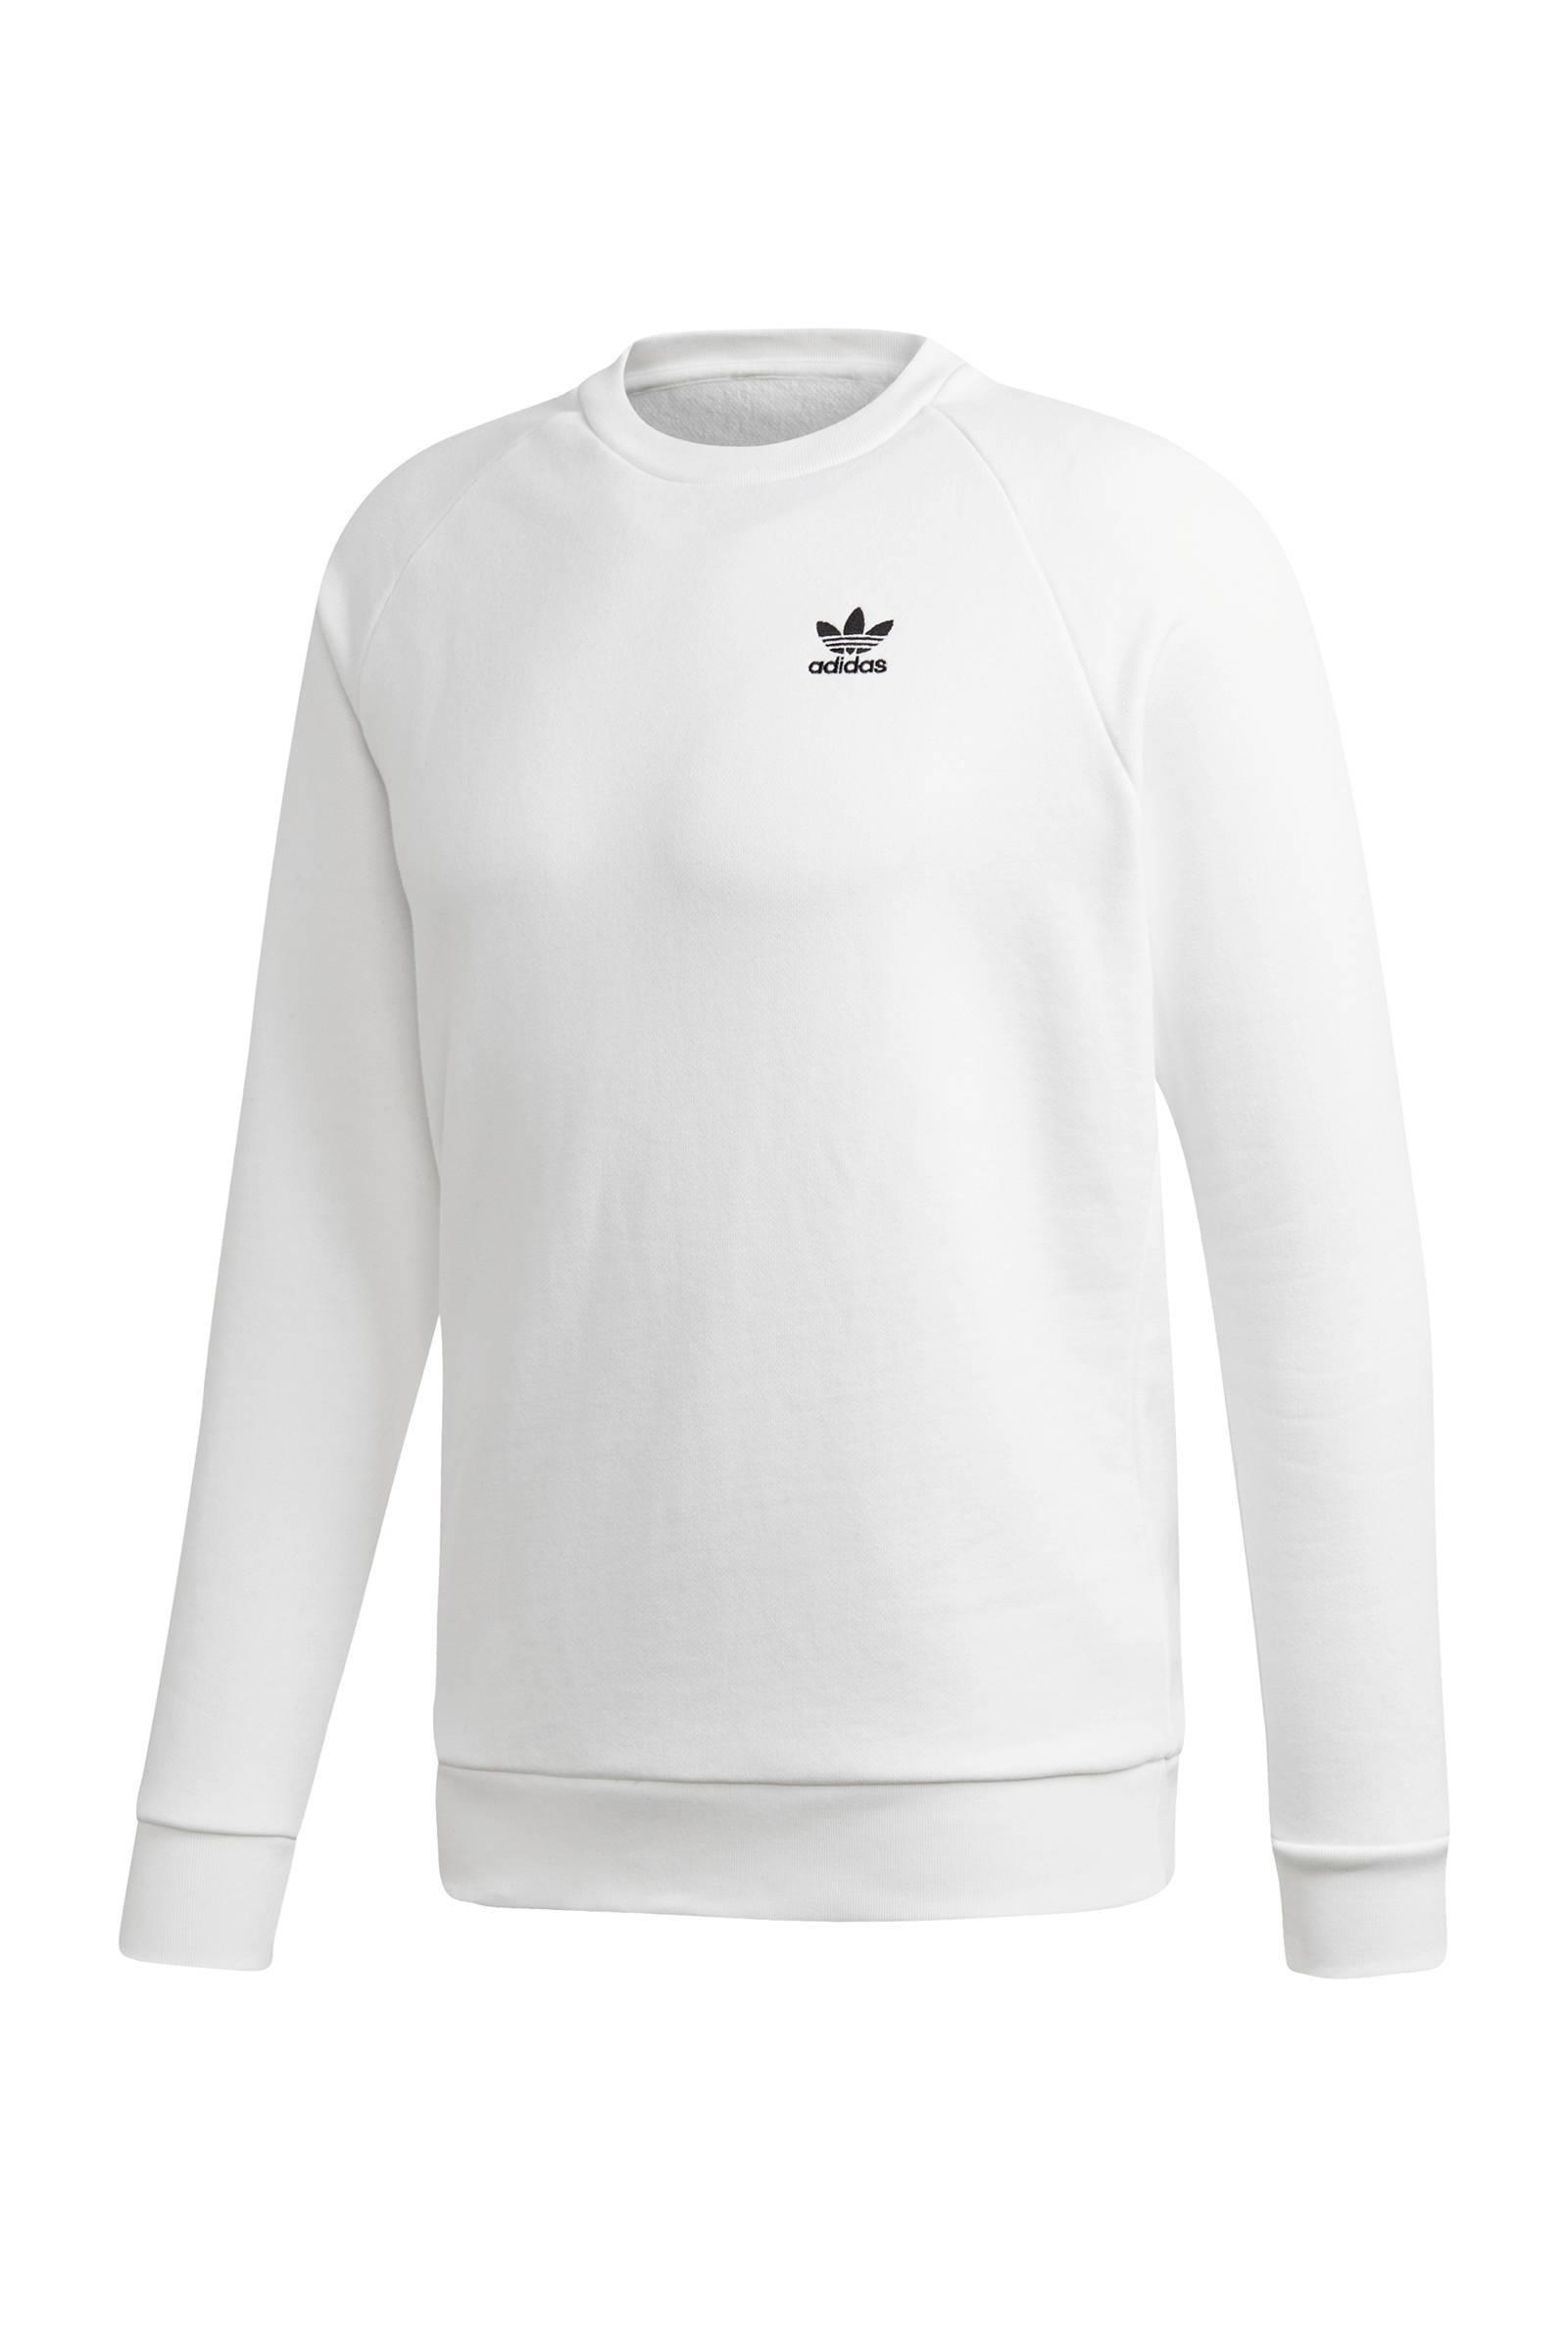 adidas Originals Adicolor sweater wit | wehkamp